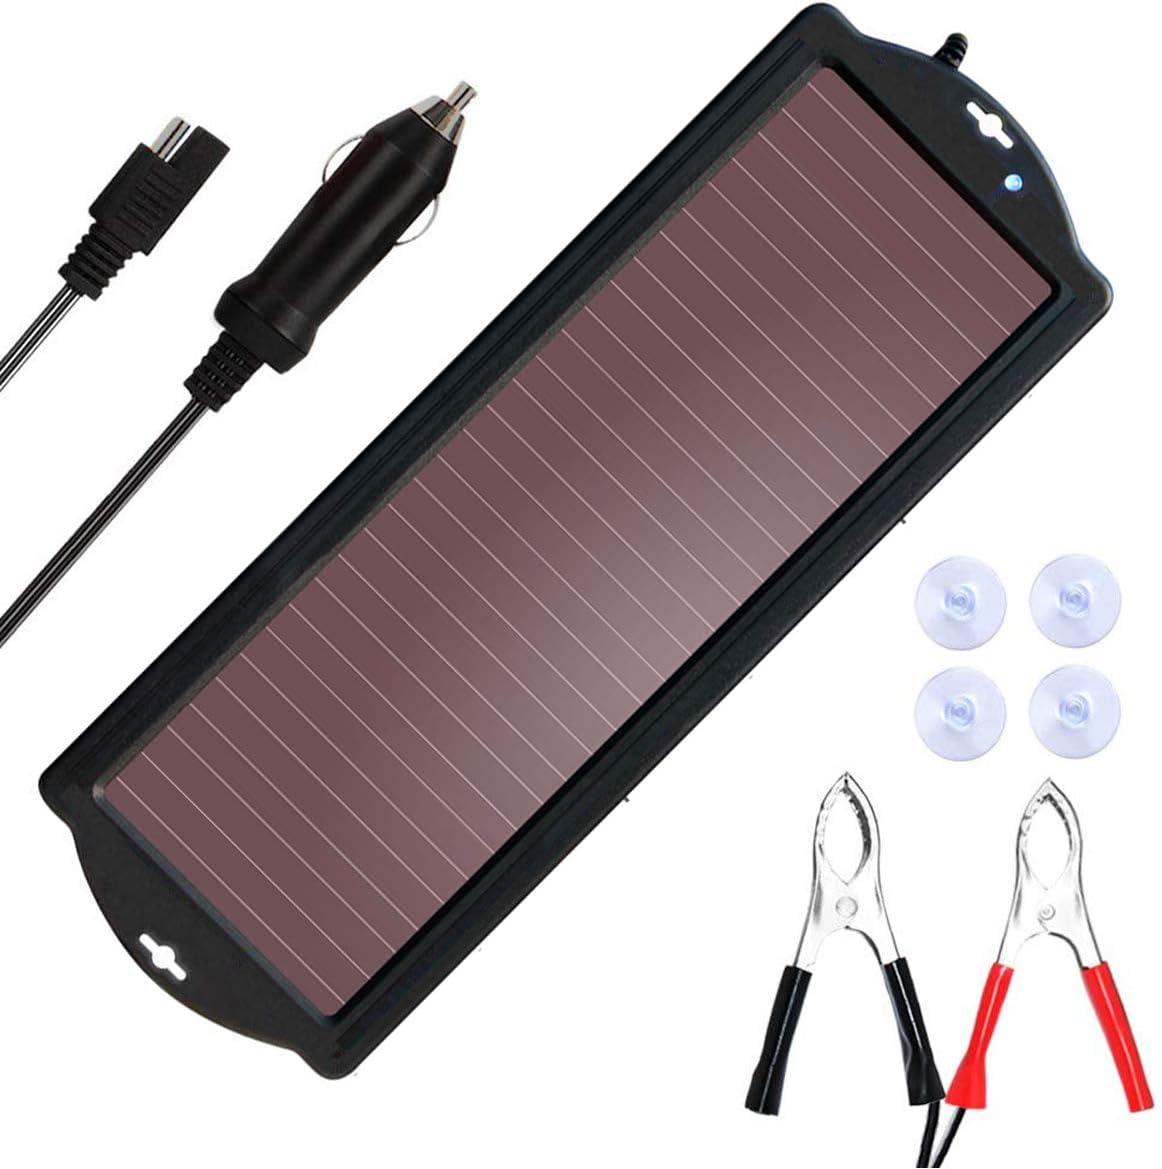 SARONIC - Cargador de batería solar para coche con enchufe para encendedor de cigarrillos y línea de clip de carga de batería, apto para coches, caravanas y barcos (1,5 vatios)